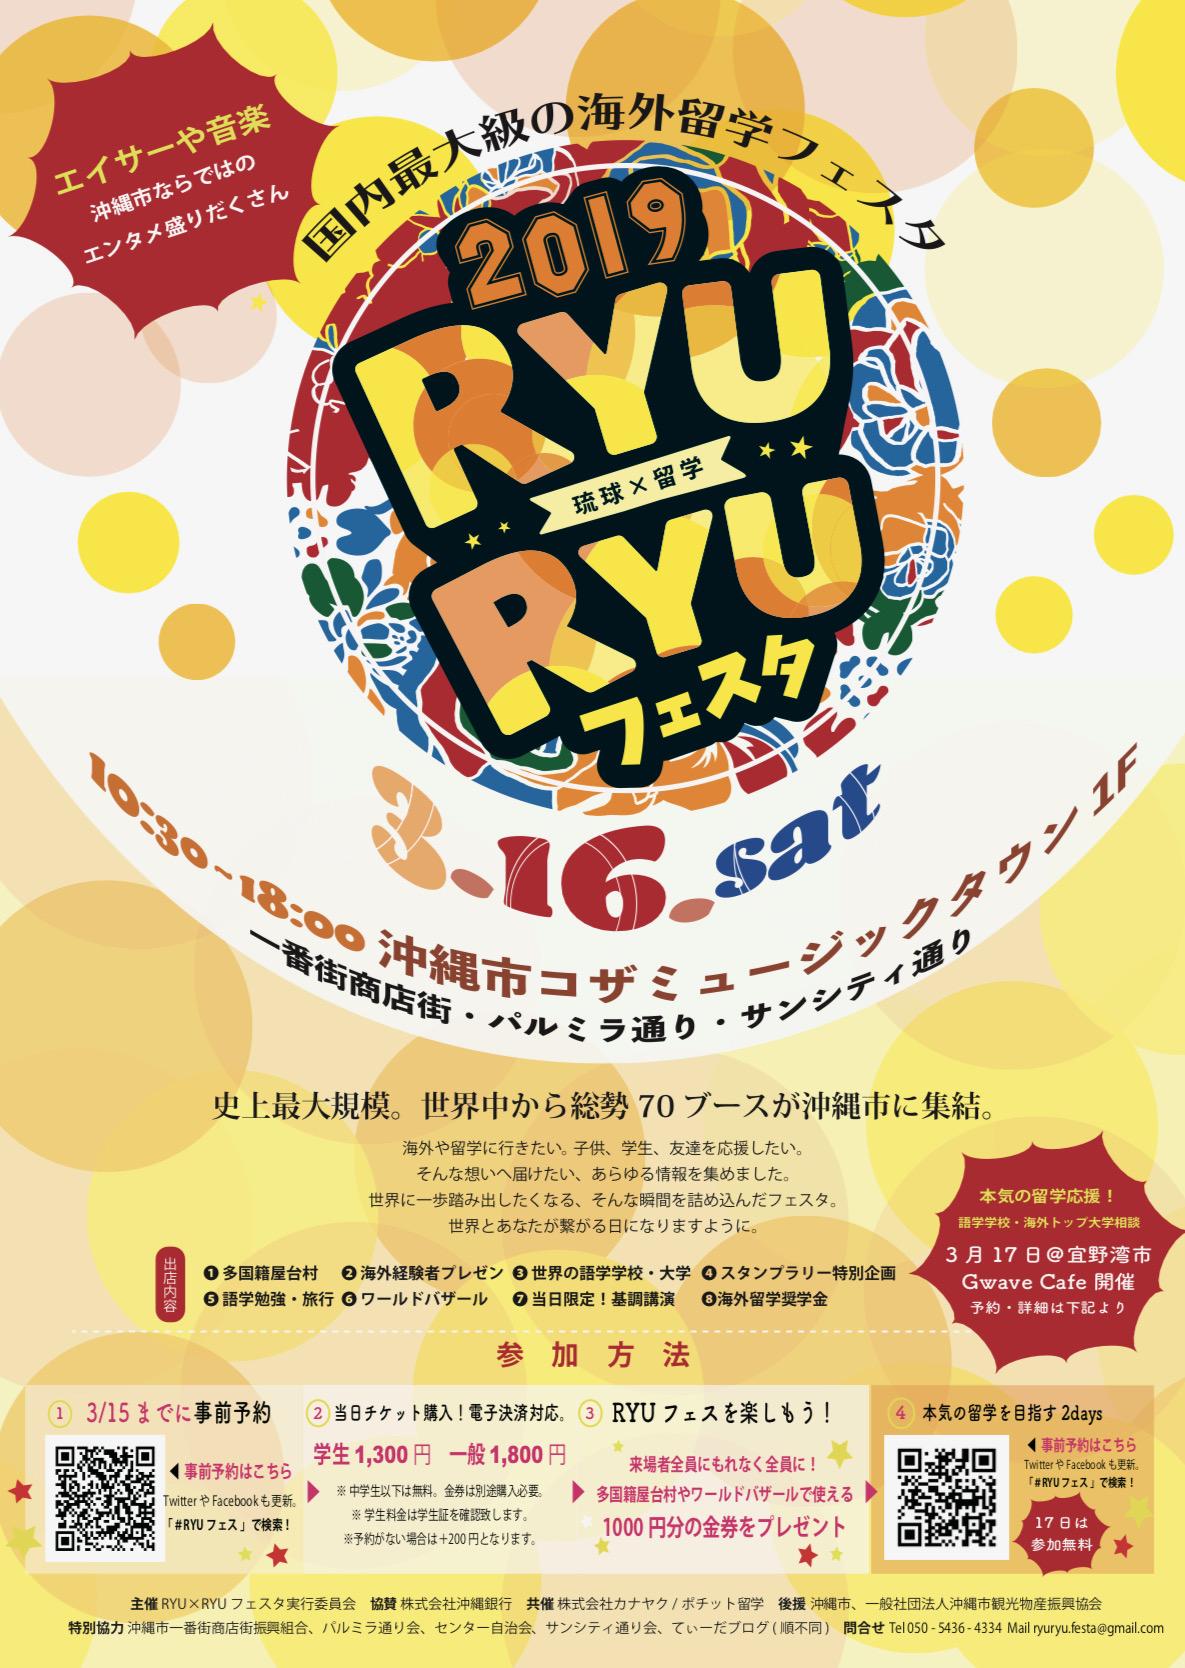 RYU X RYU FESTA 2019 (リューリューフェスタ 2019)開催日決定!!